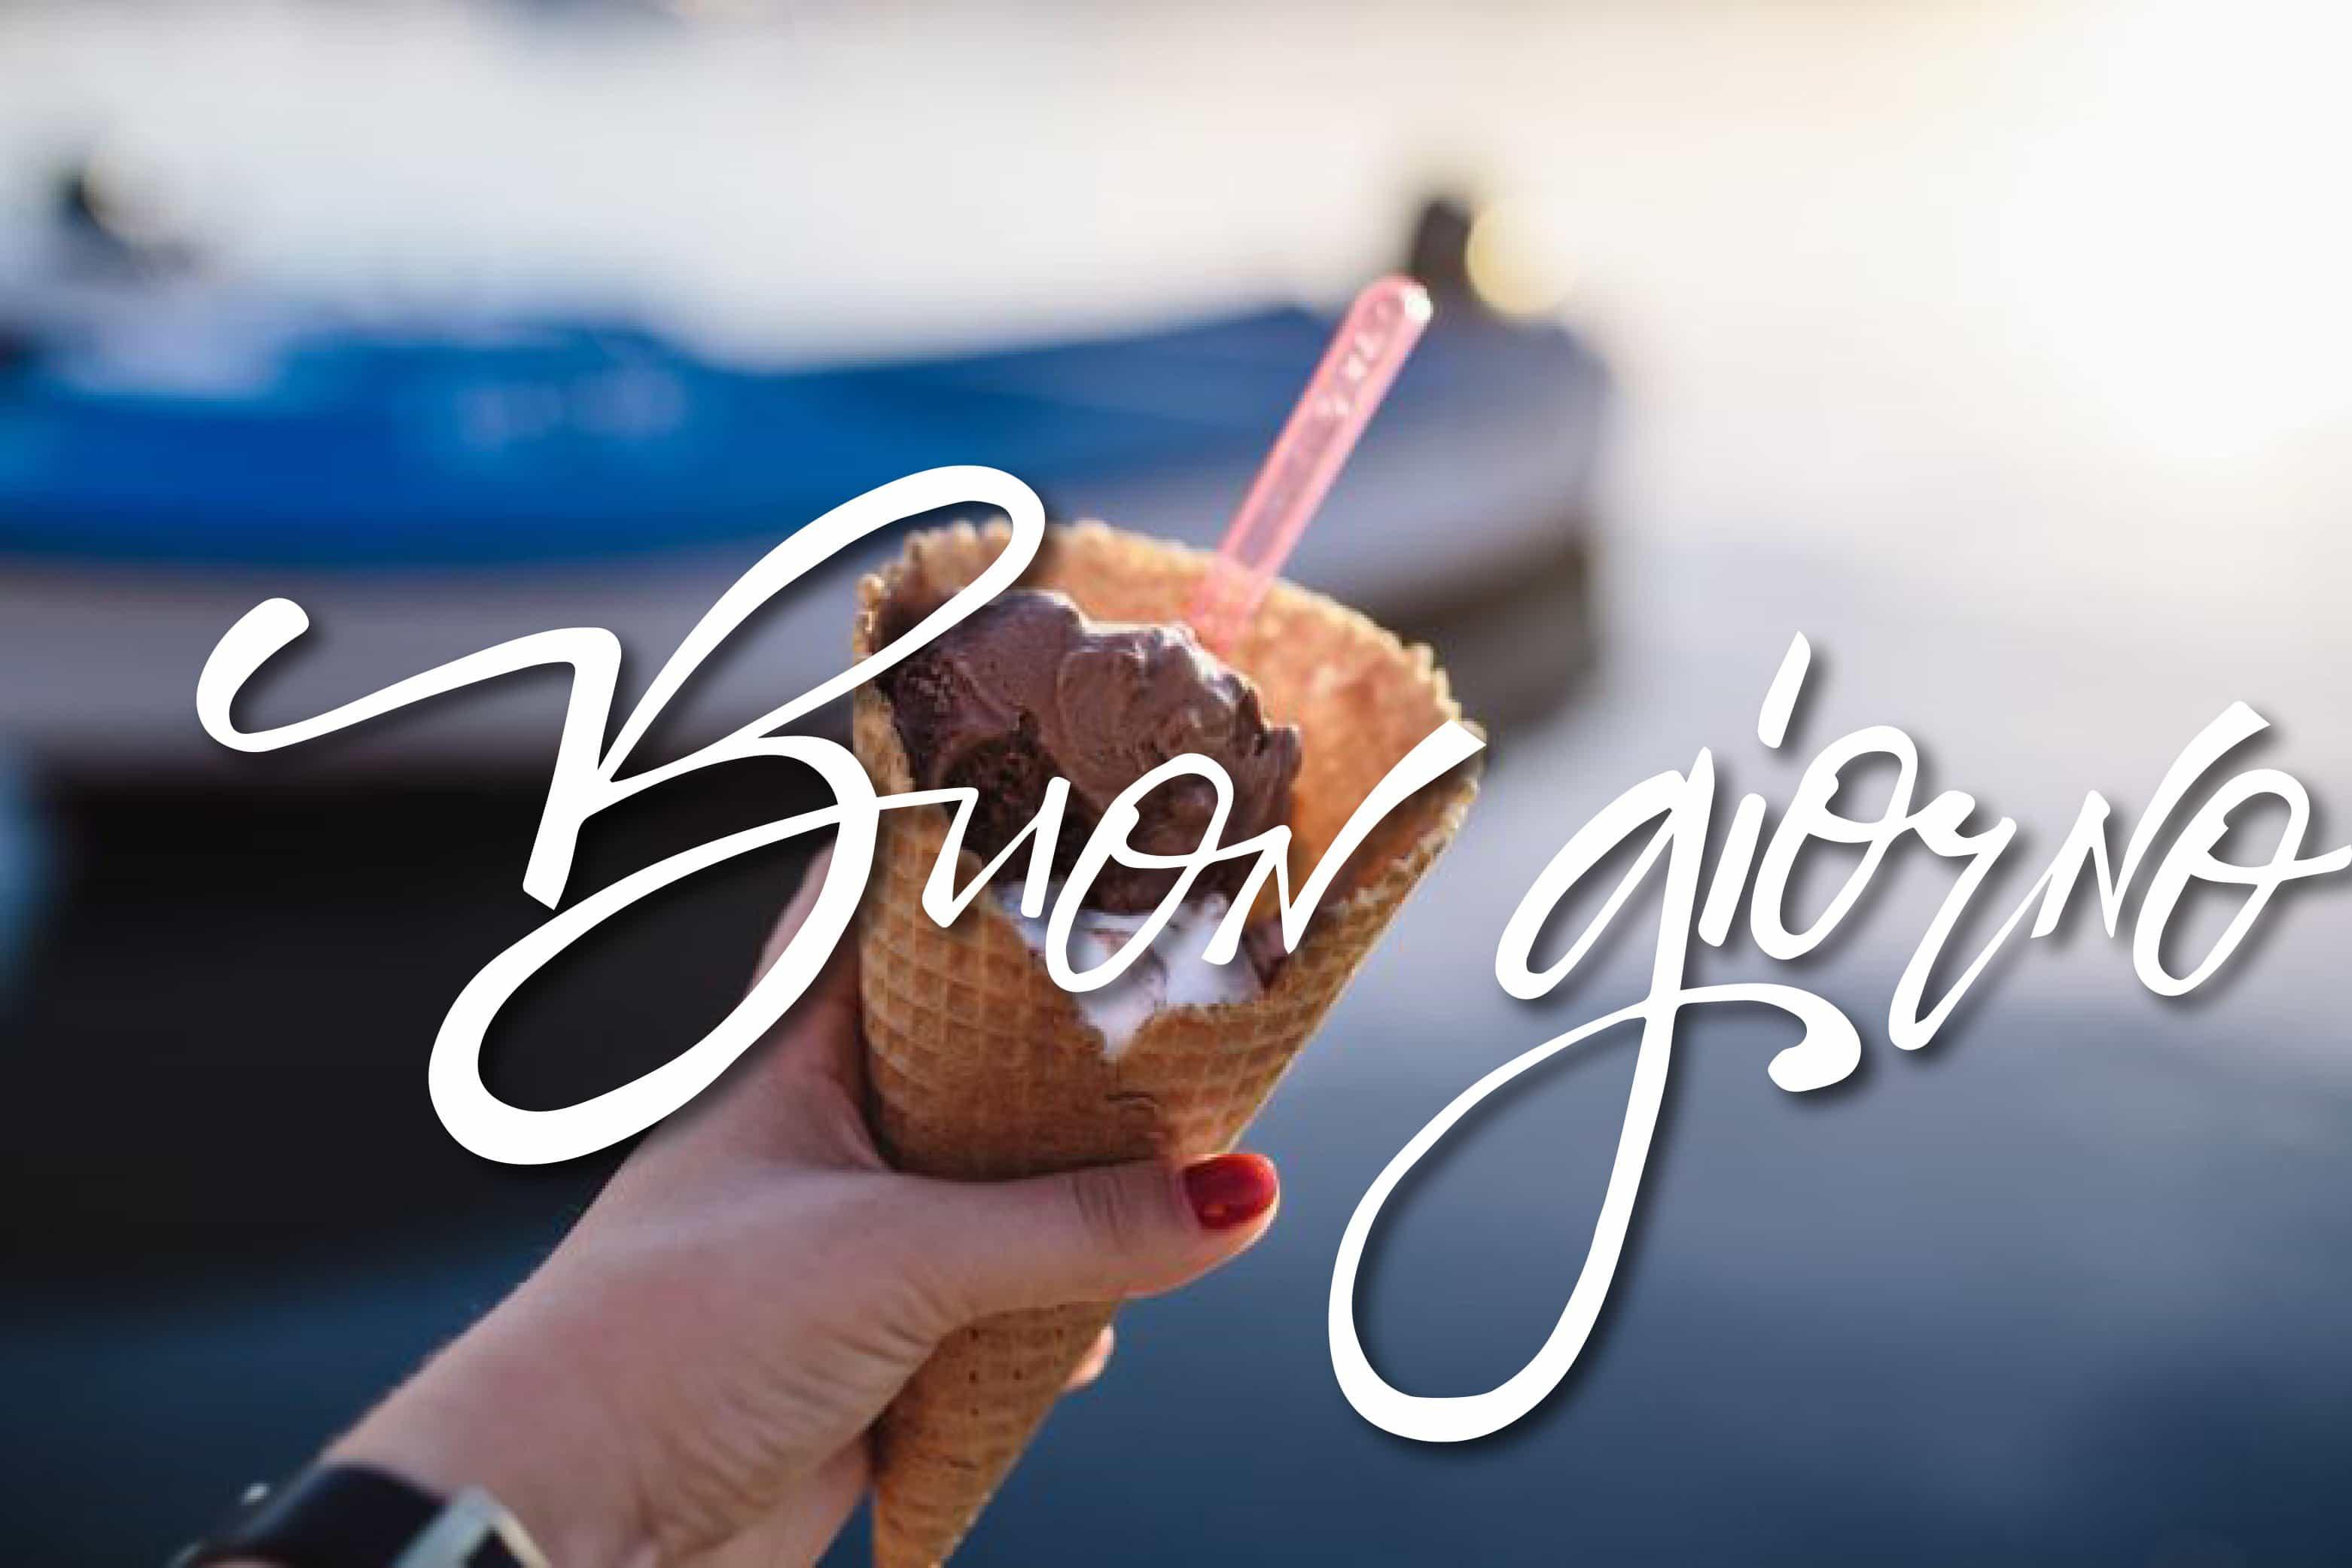 Buon gelato e buona giornata